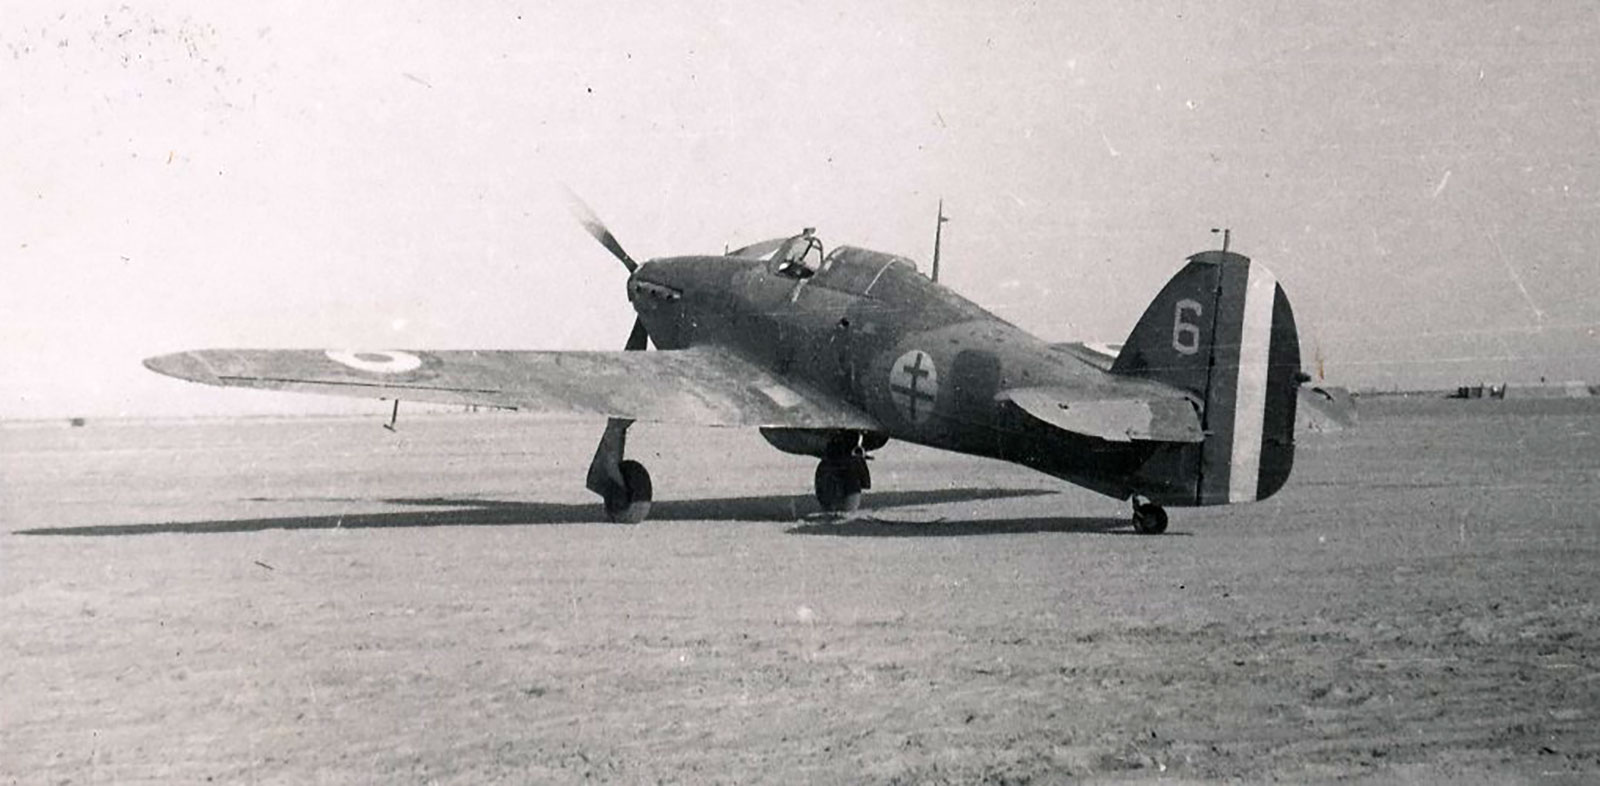 Hawker Hurricane I Trop Armee de lAir White 6 Z4426 1943 01